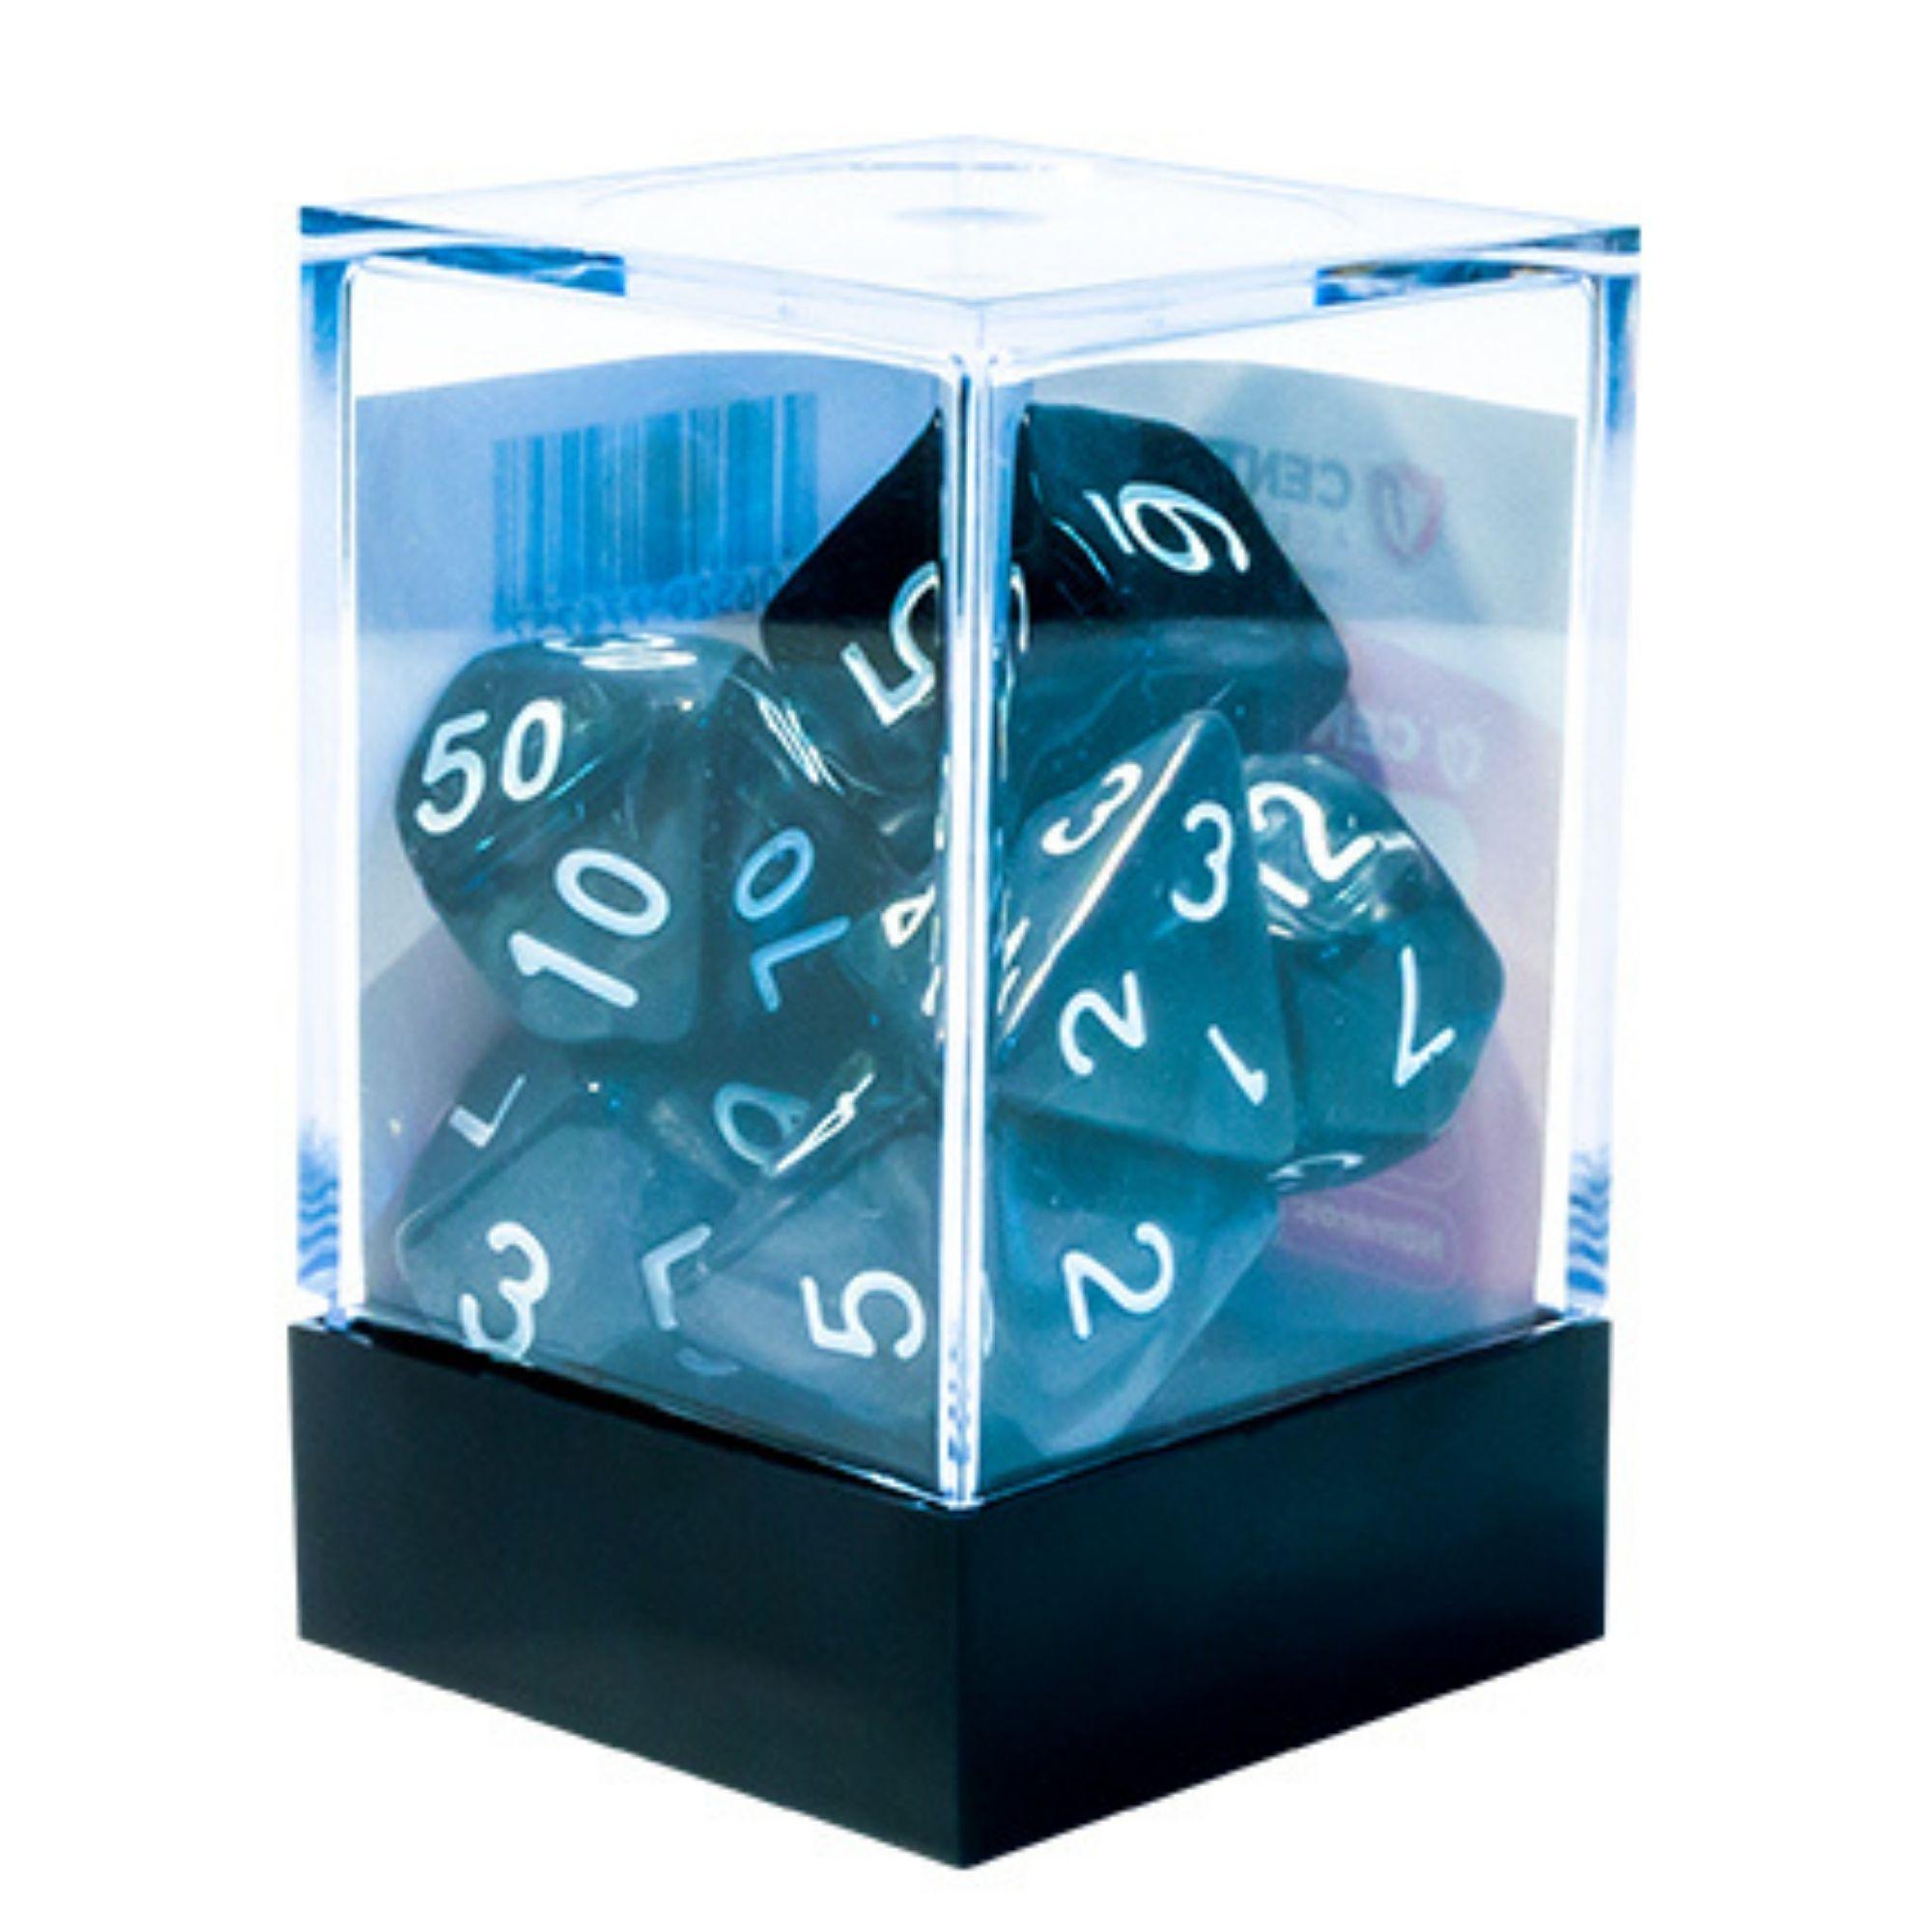 Central Dices Conjuntos 7 Dados RPG Mármore Preto e Branco